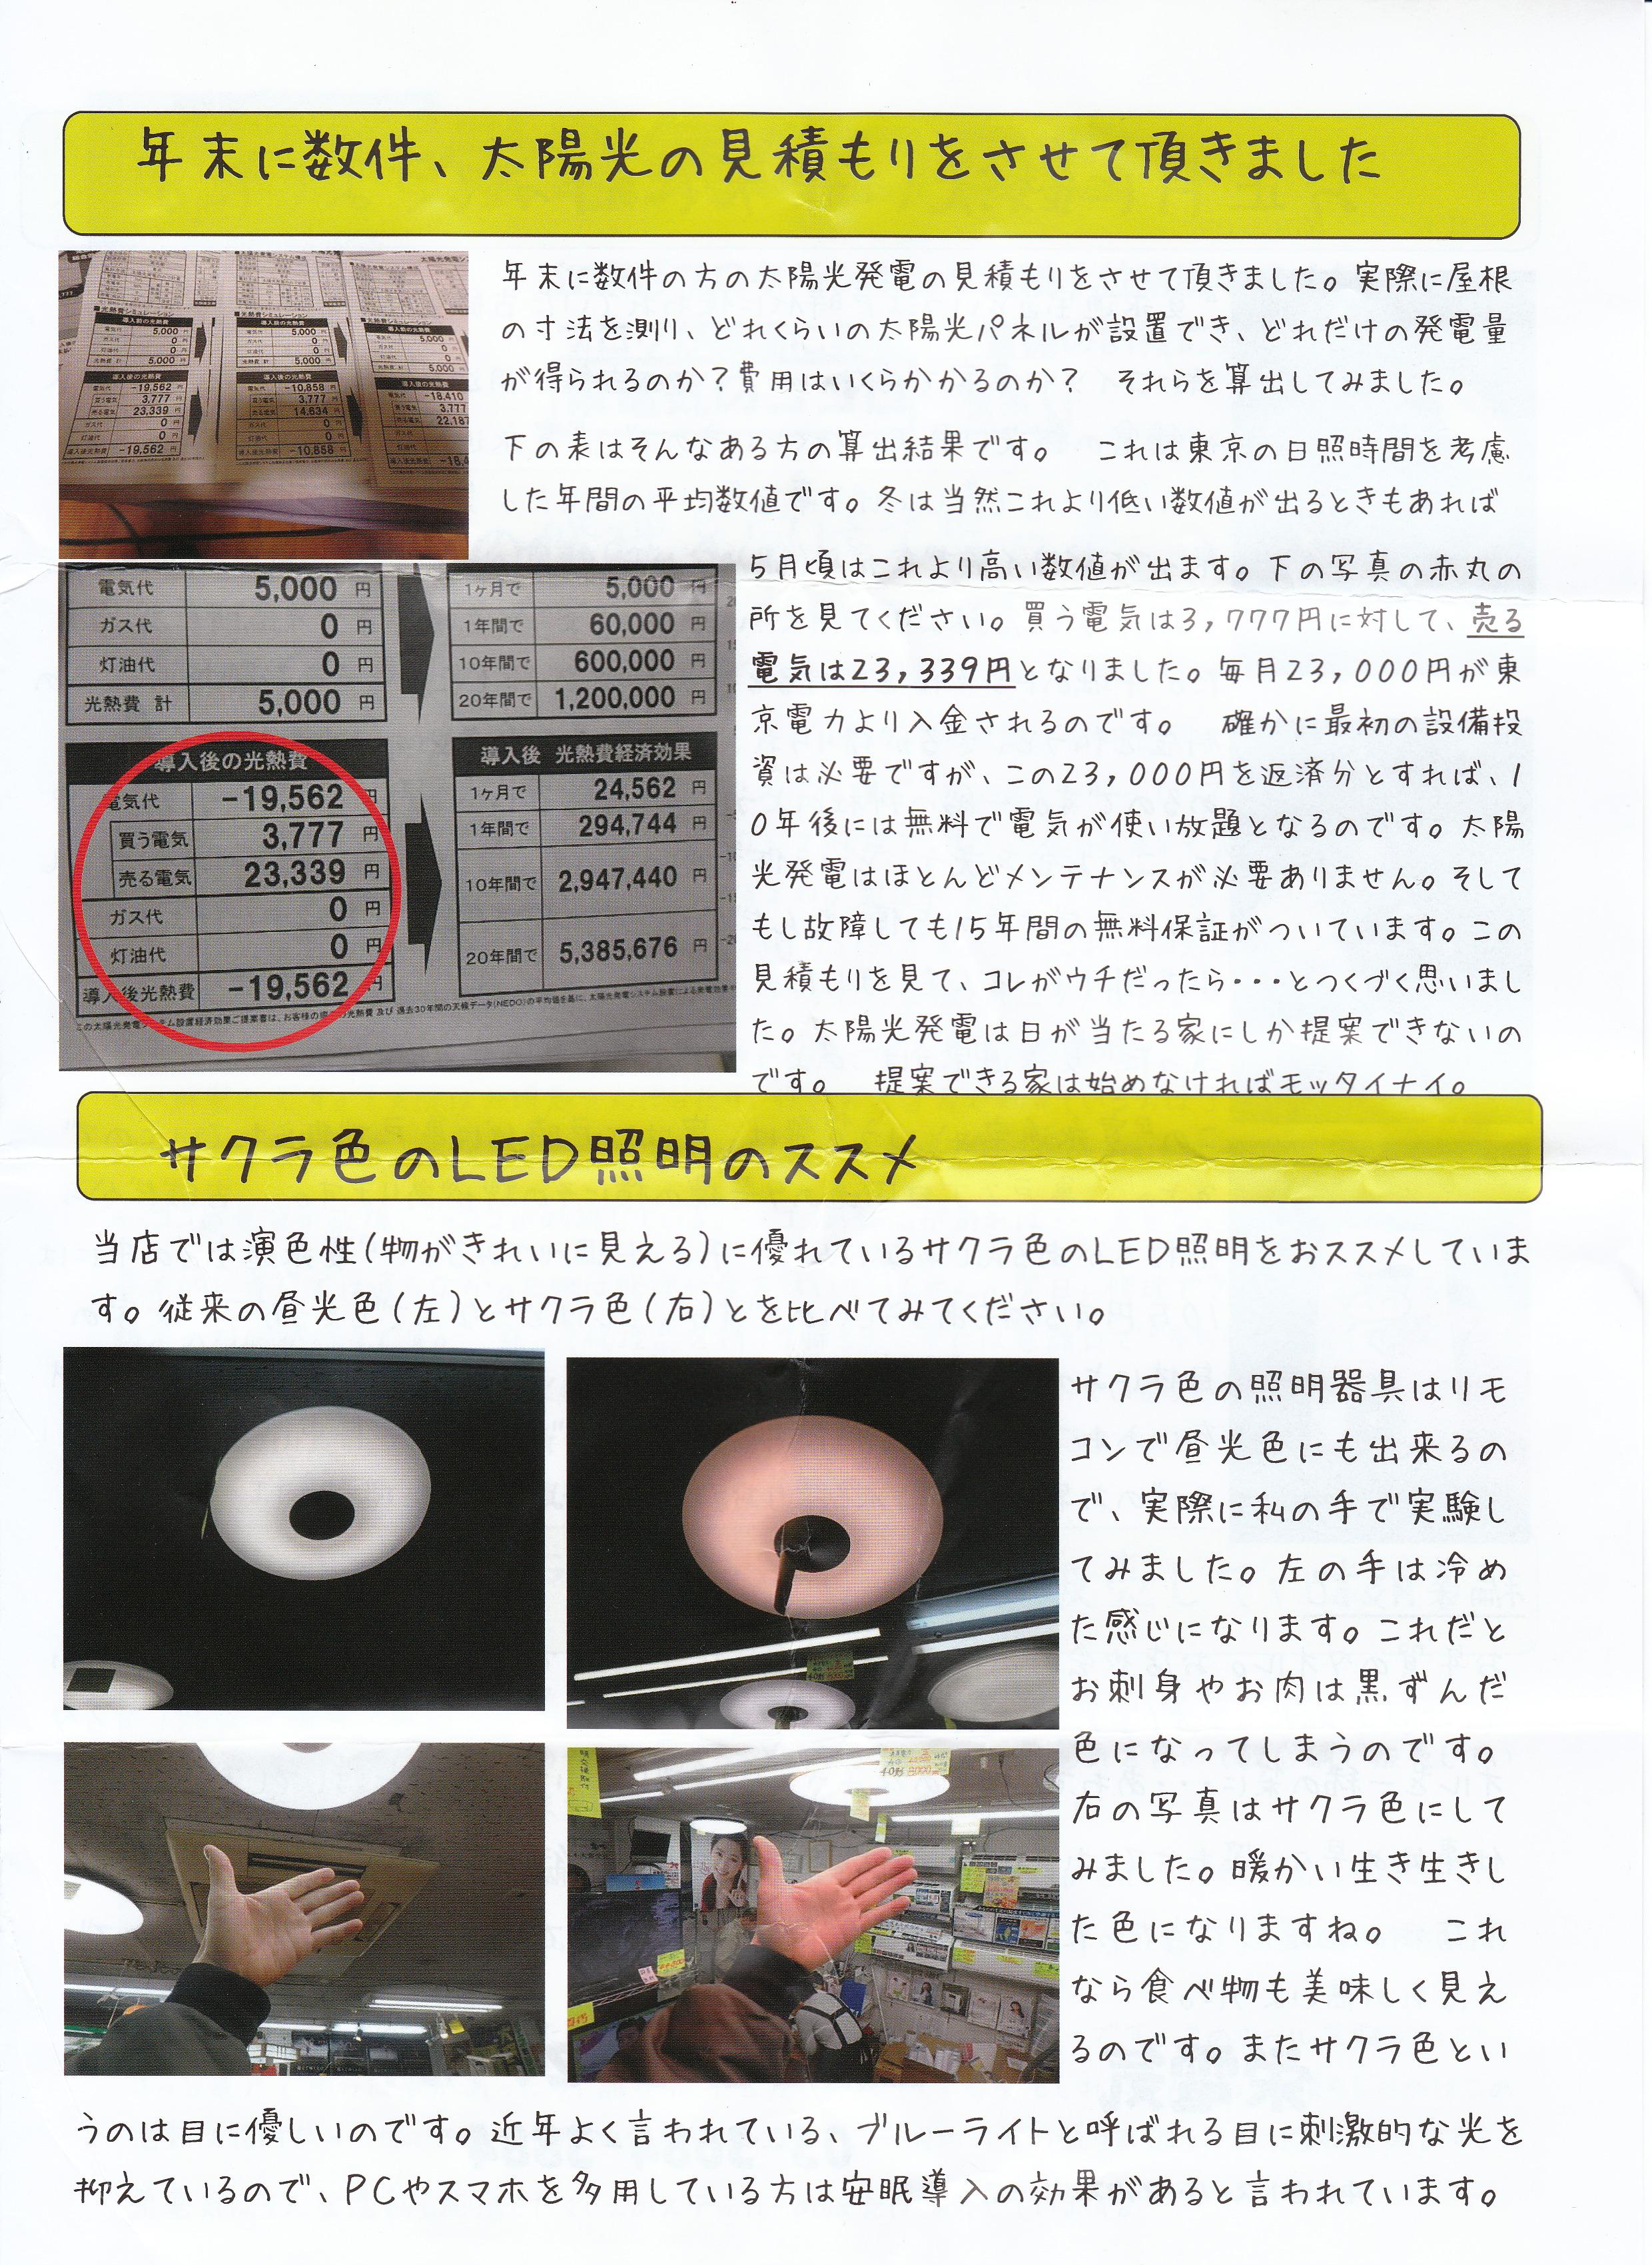 『栄電気のココロ』 2016年1月号 3ページ目